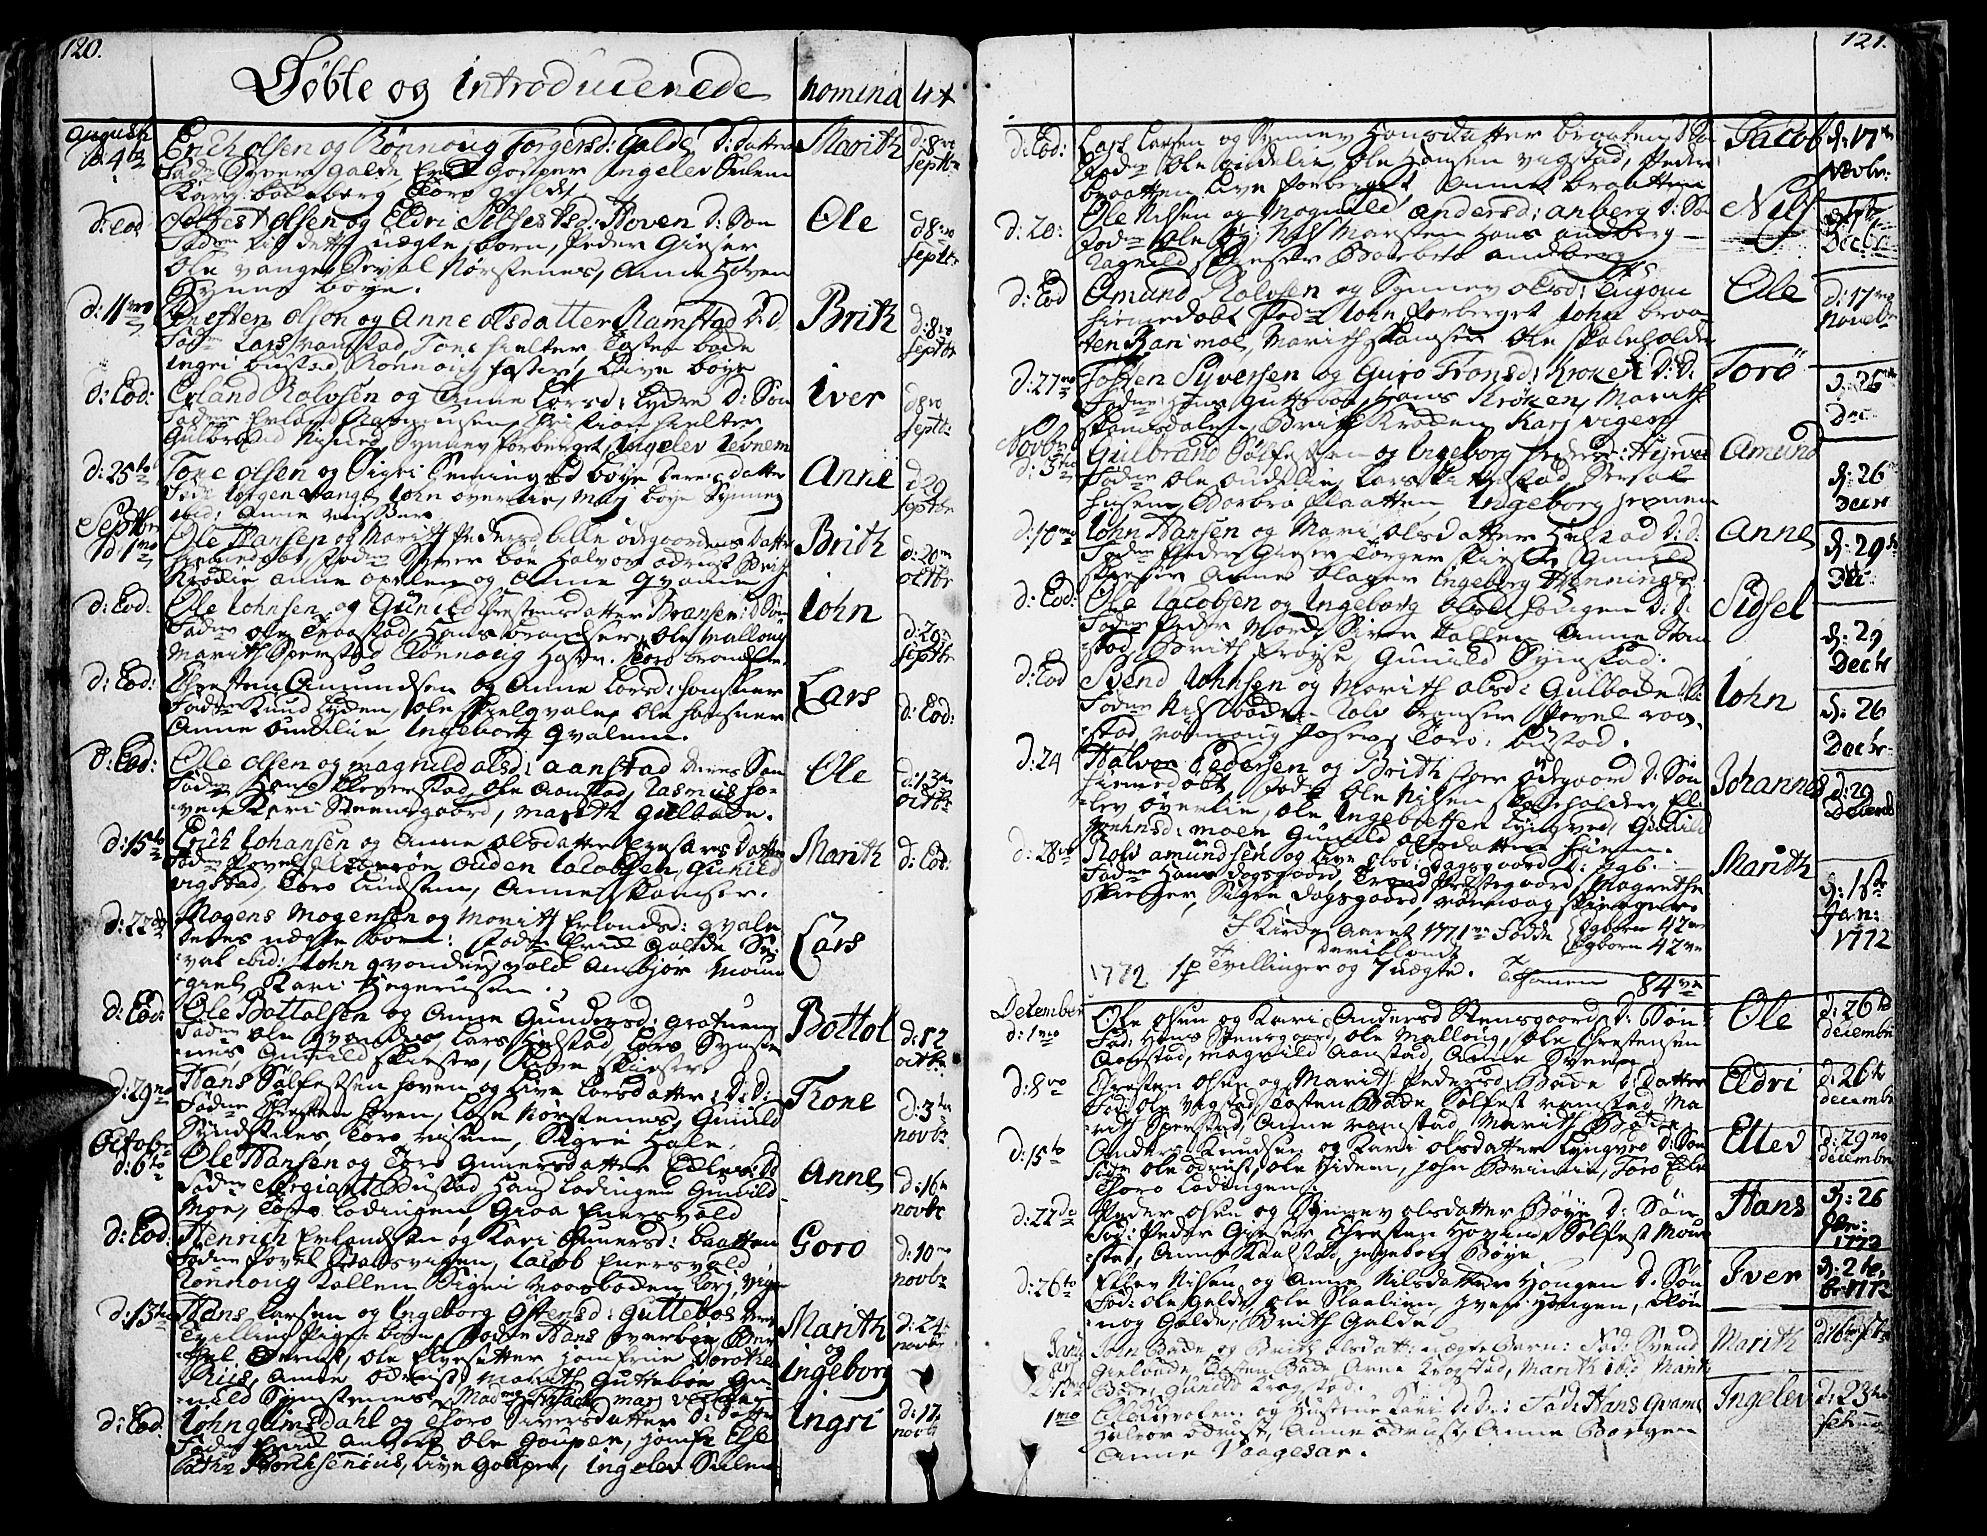 SAH, Lom prestekontor, K/L0002: Ministerialbok nr. 2, 1749-1801, s. 120-121